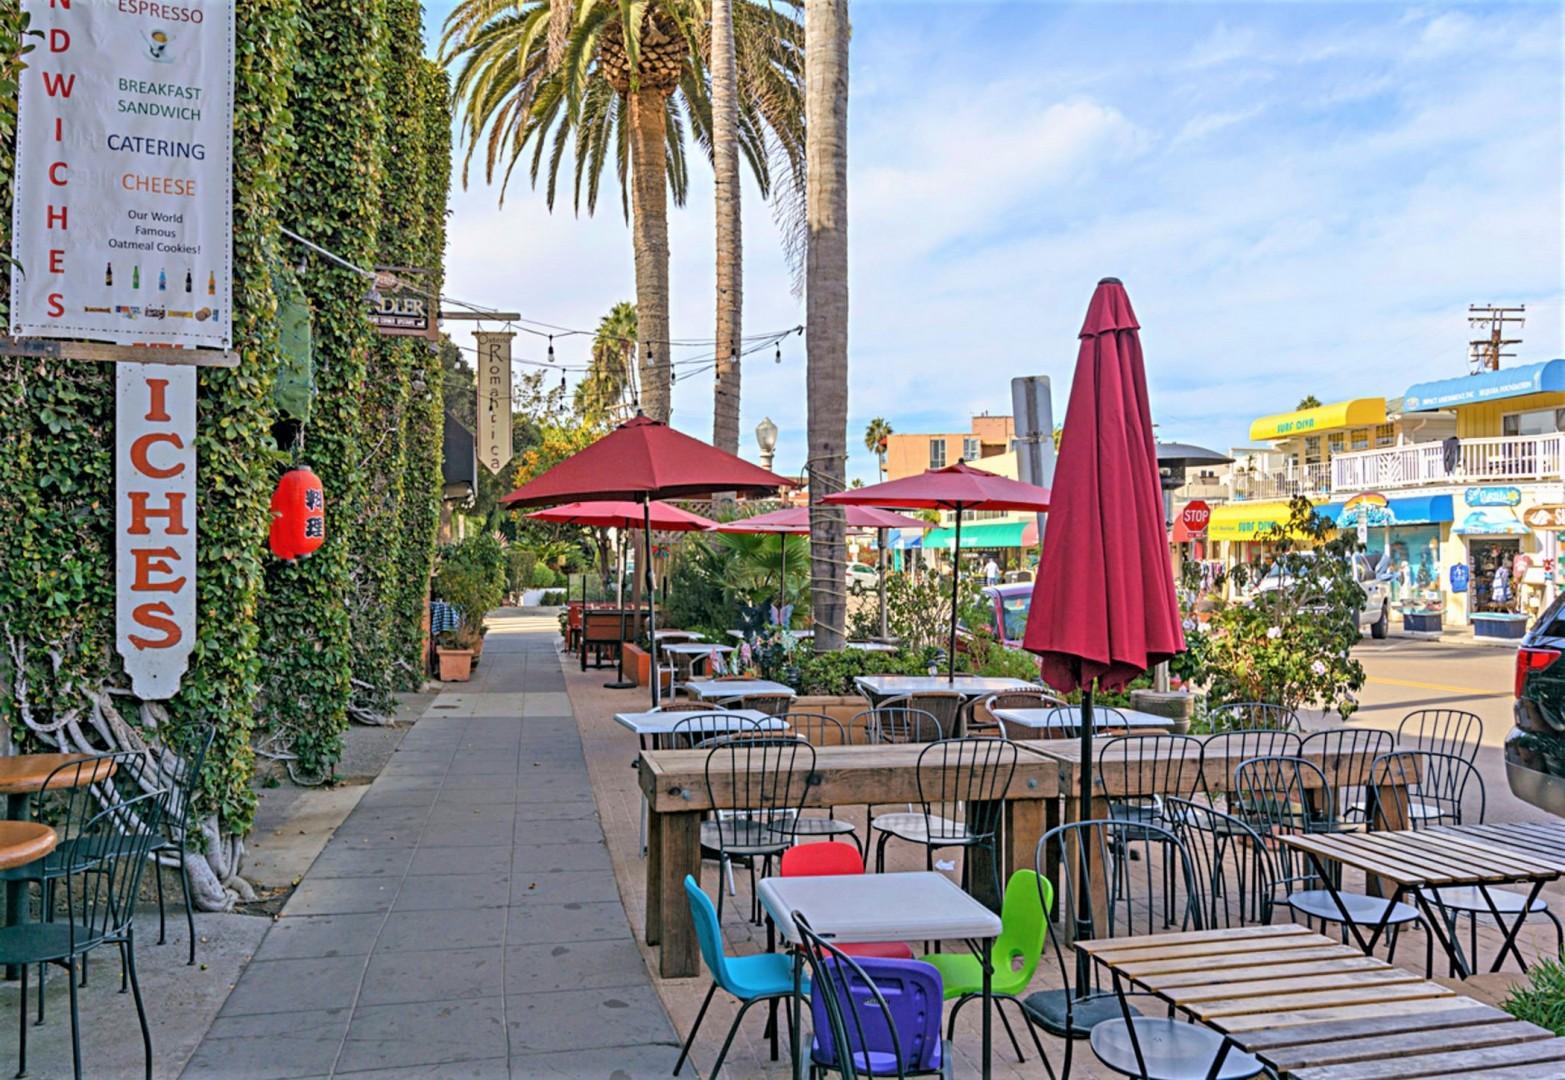 Walk to outdoor dining in La Jolla Shores